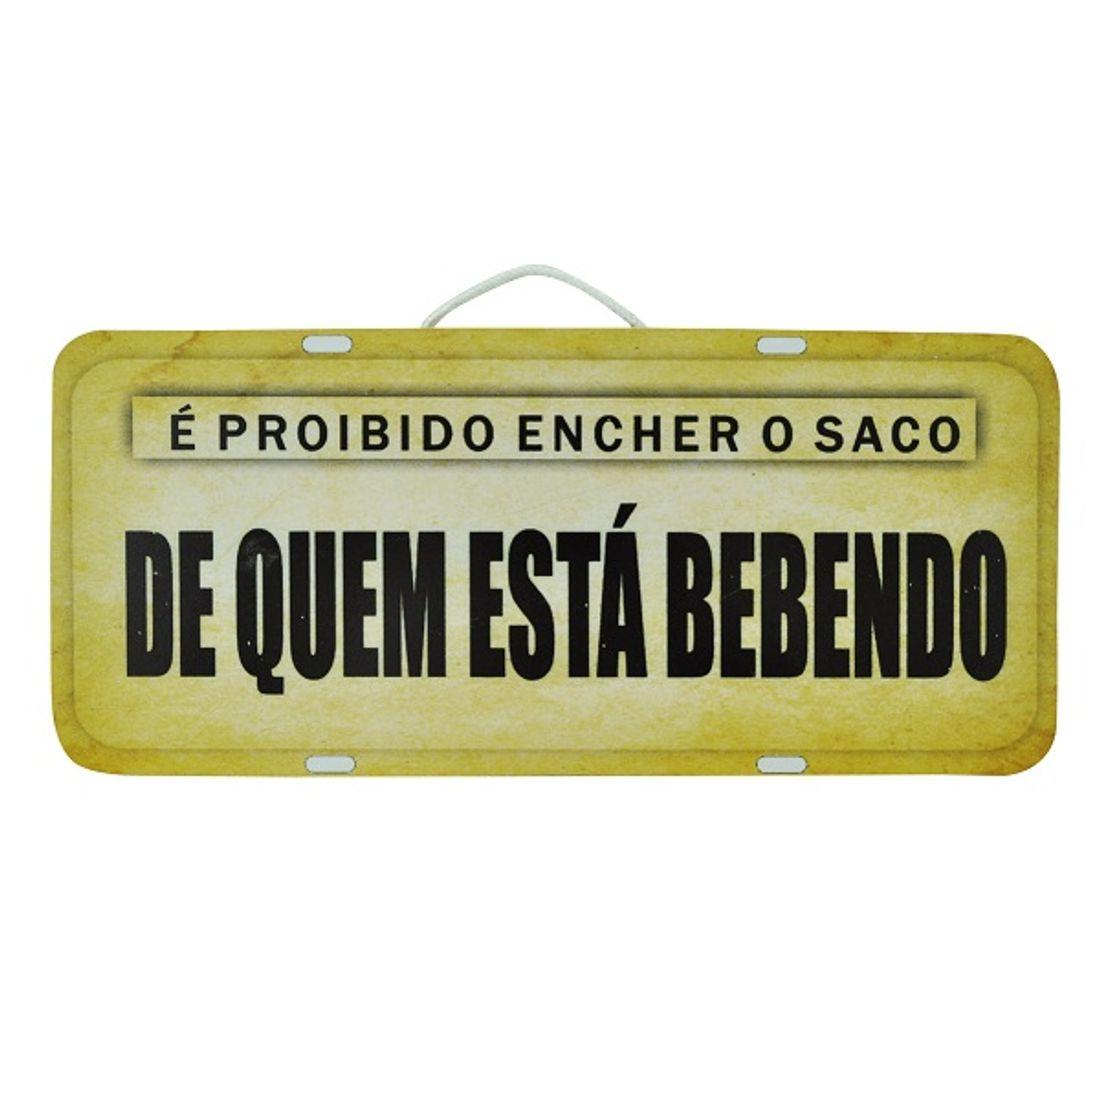 PLACA_CARRO_E_PROIBIDO_ENCHER_O_SACO_MDF_FRENTE